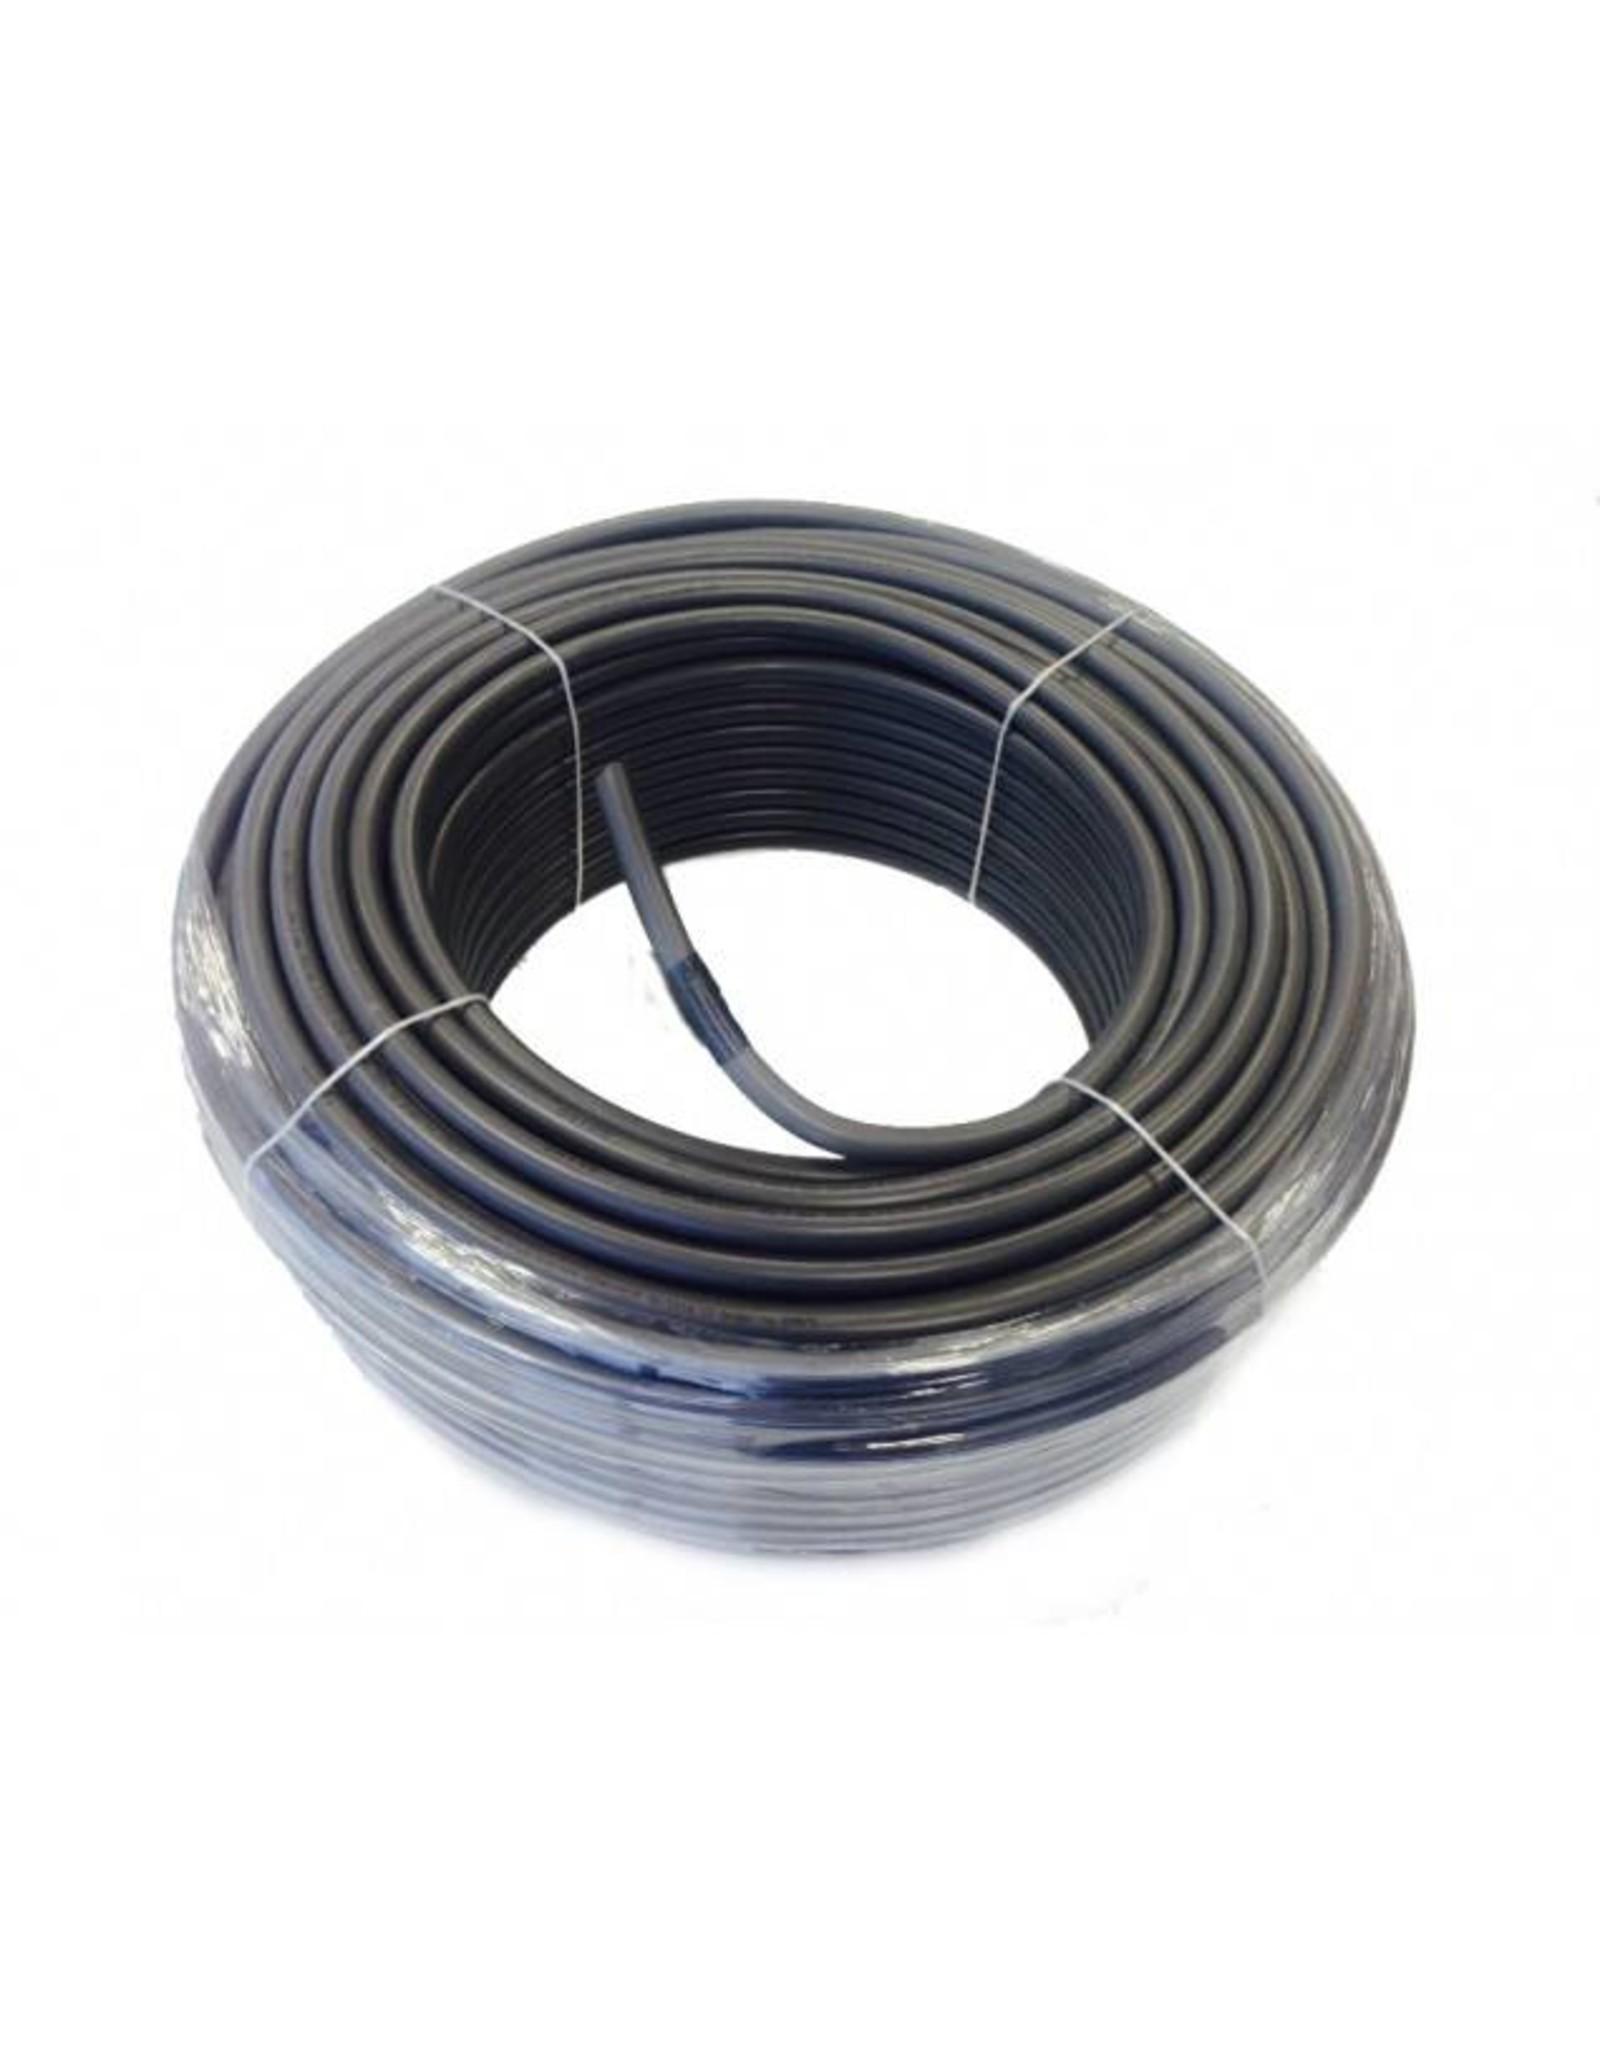 YmvK 3 x 6 mm2 GRIJS Dca-s3-d1-a3 (per 50 m)